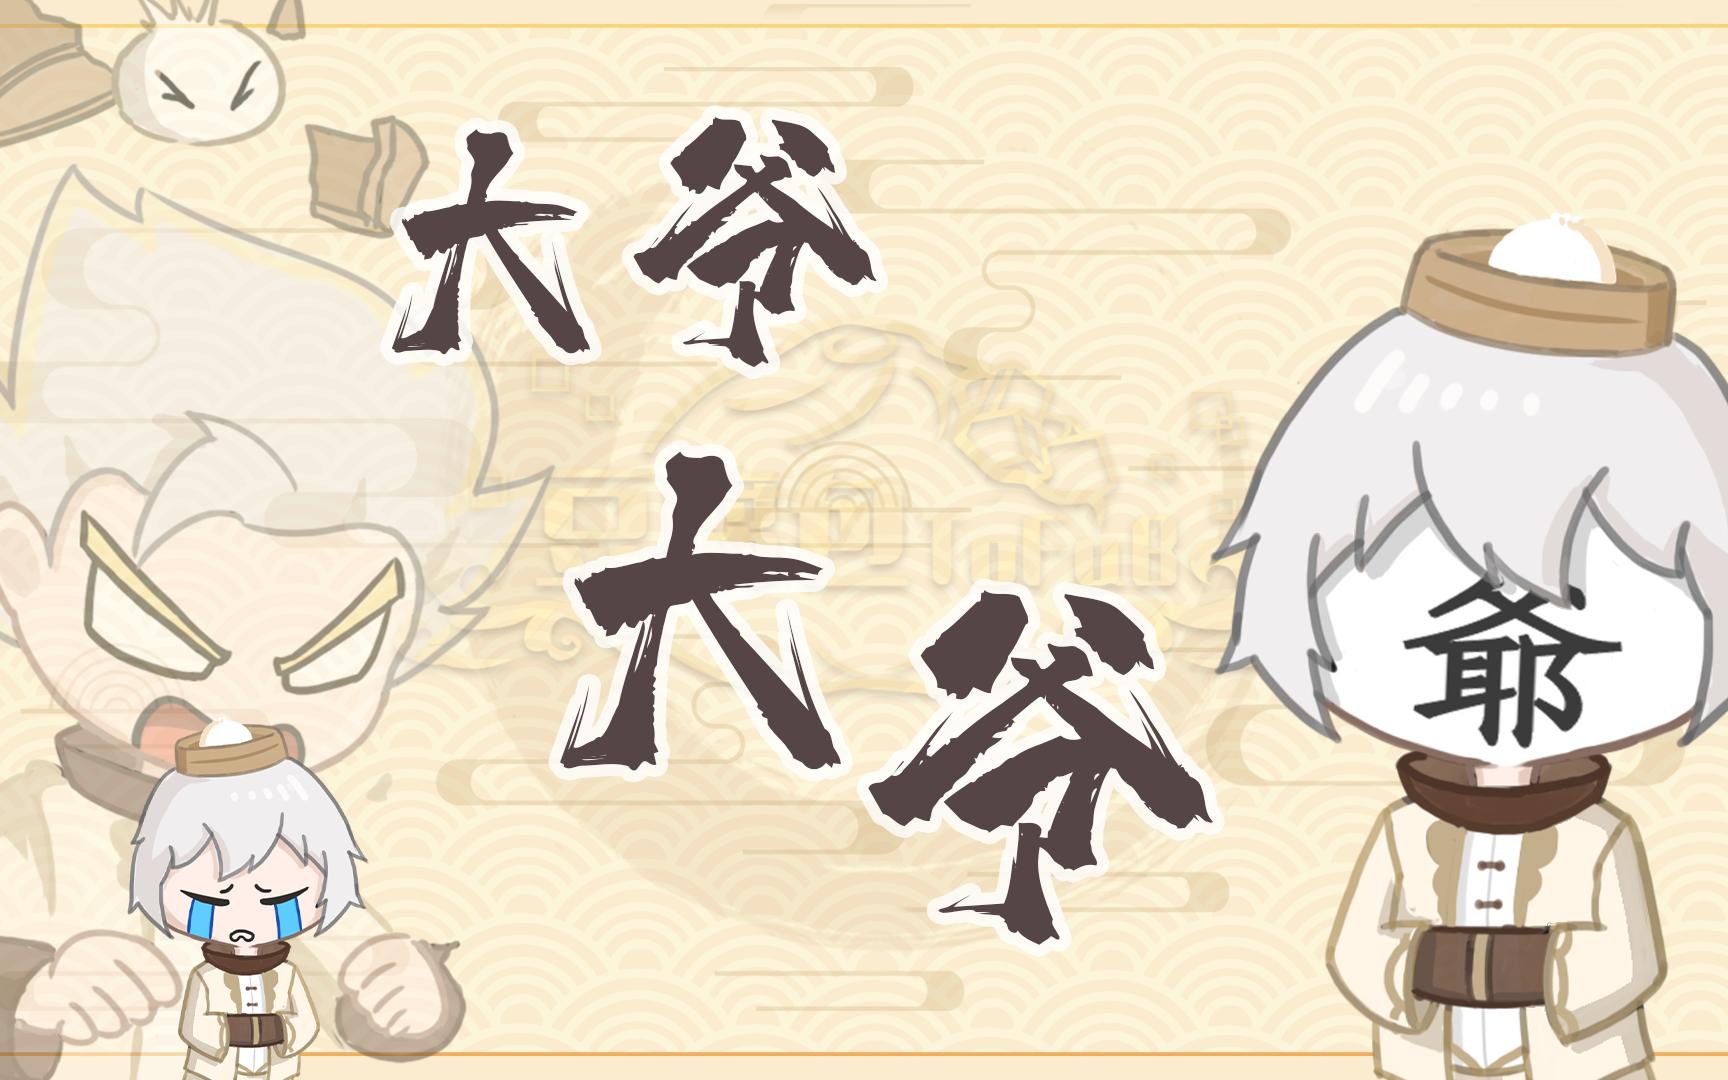 #35#【A站独家】【大爷大爷】 我一定改!大爷记得常来